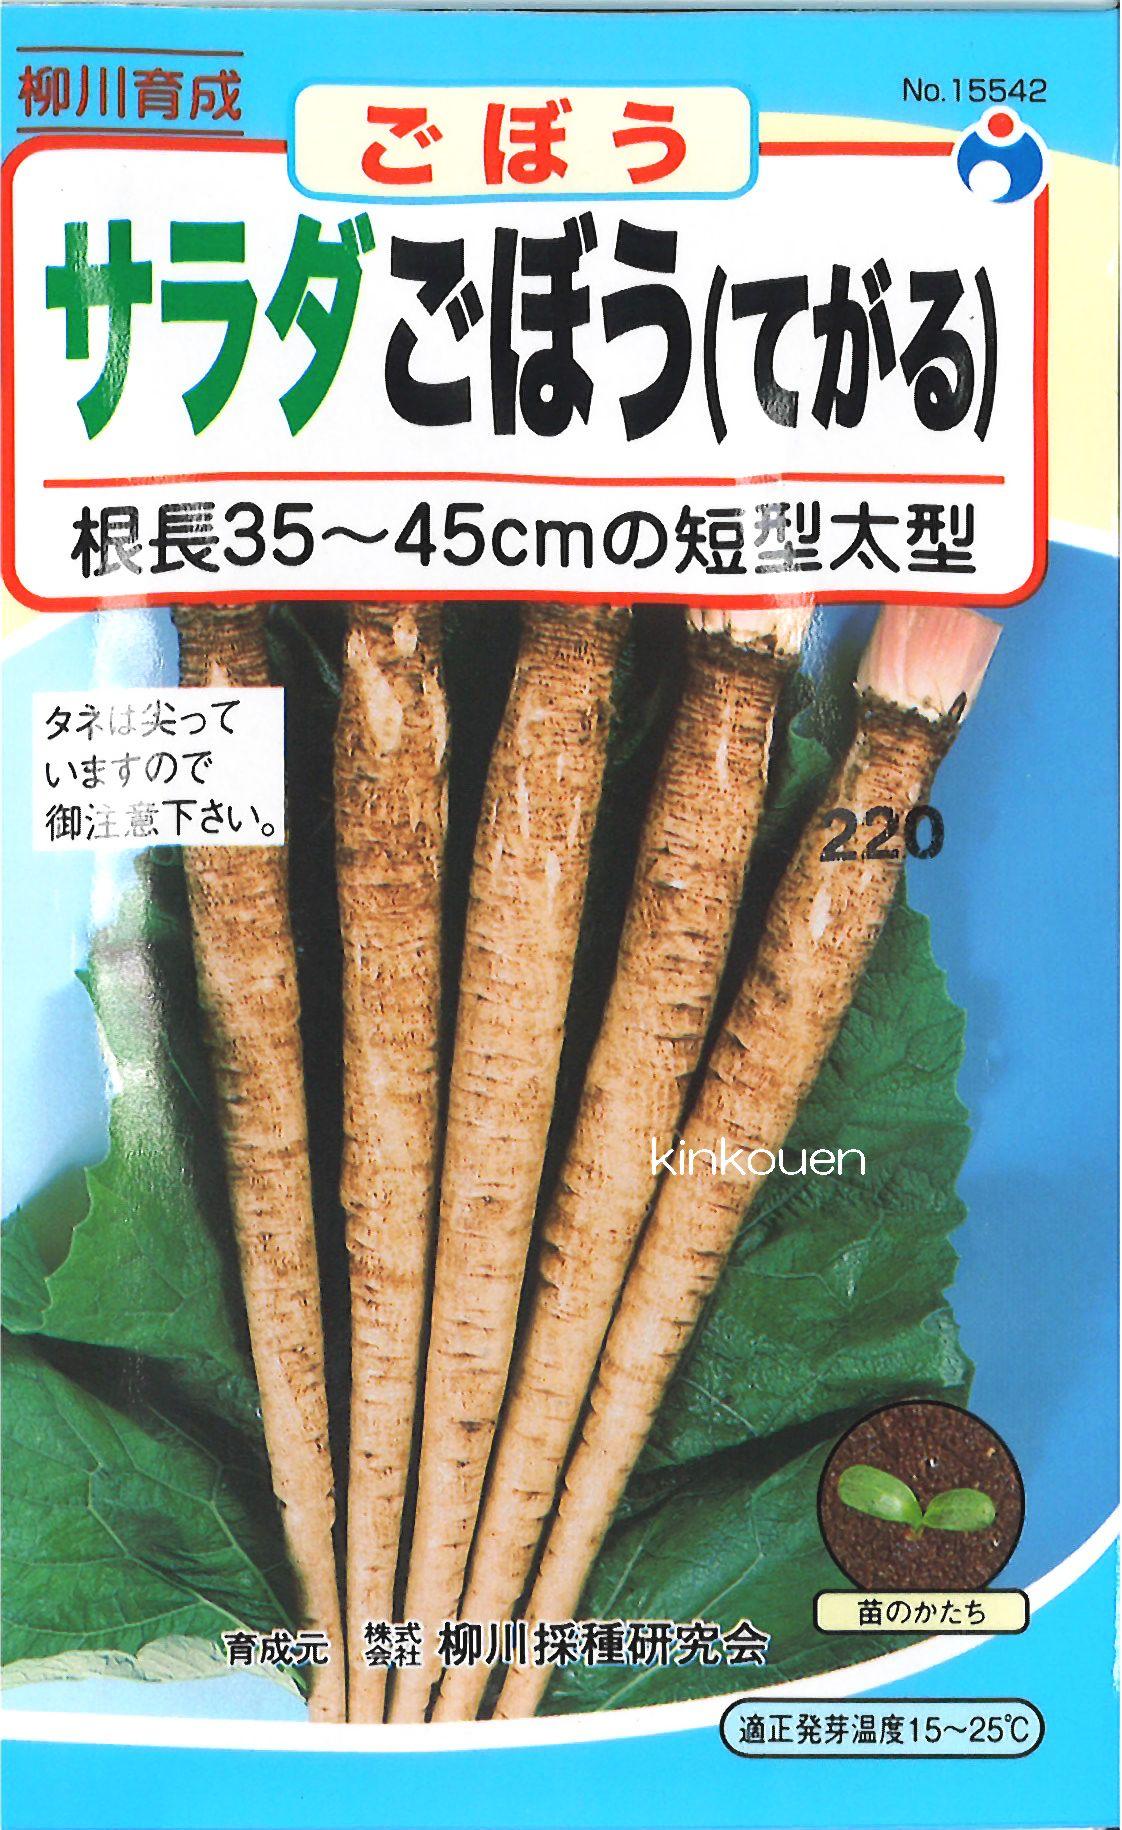 【代引不可】【5袋まで送料80円】□サラダごぼう